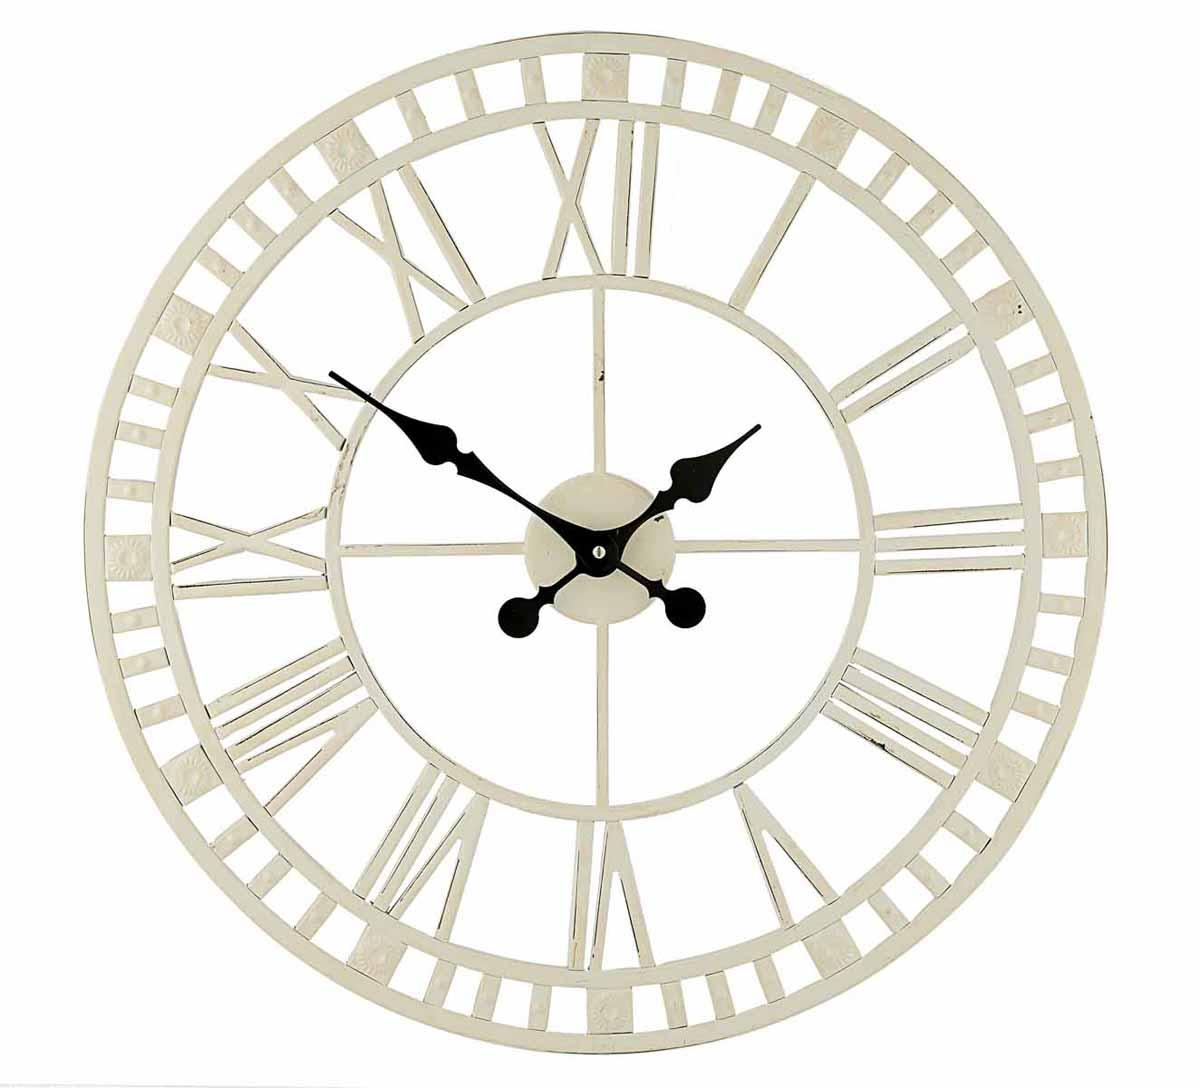 Часы настенные Gardman Claremont, цвет: белый, диаметр 59 см. 1718717187Кварцевые настенные часы Gardman Claremont перфорированной конструкции выполнены из металла, окрашенного в белый цвет. Такие часы отлично украсят интерьер гостиной, офиса или сада. Подходят для уличного декора. Часы оформлены римскими цифрами и имеют две стрелки - часовую и минутную. Часы Gardman Claremont станут замечательным дизайнерским решением для декора сада, дачи или гостиной дома. Характеристики: Материал: металл. Цвет: белый. Диаметр часов: 59 см. Рекомендуется докупить одну батарейку типа АА (в комплект не входит). Товары для садоводства от Gardman - это вещи, сделанные с любовью, с истинно английской практичностью, основанной на глубоких традициях садоводства Великобритании. Эти товары широко известны садоводам Европы, США, Канады и Японии. Демократичные цены и продуманный ассортимент Gardman завоевал признательность и российского покупателя, достойного хороших, качественных вещей. В ассортименте Gardman...